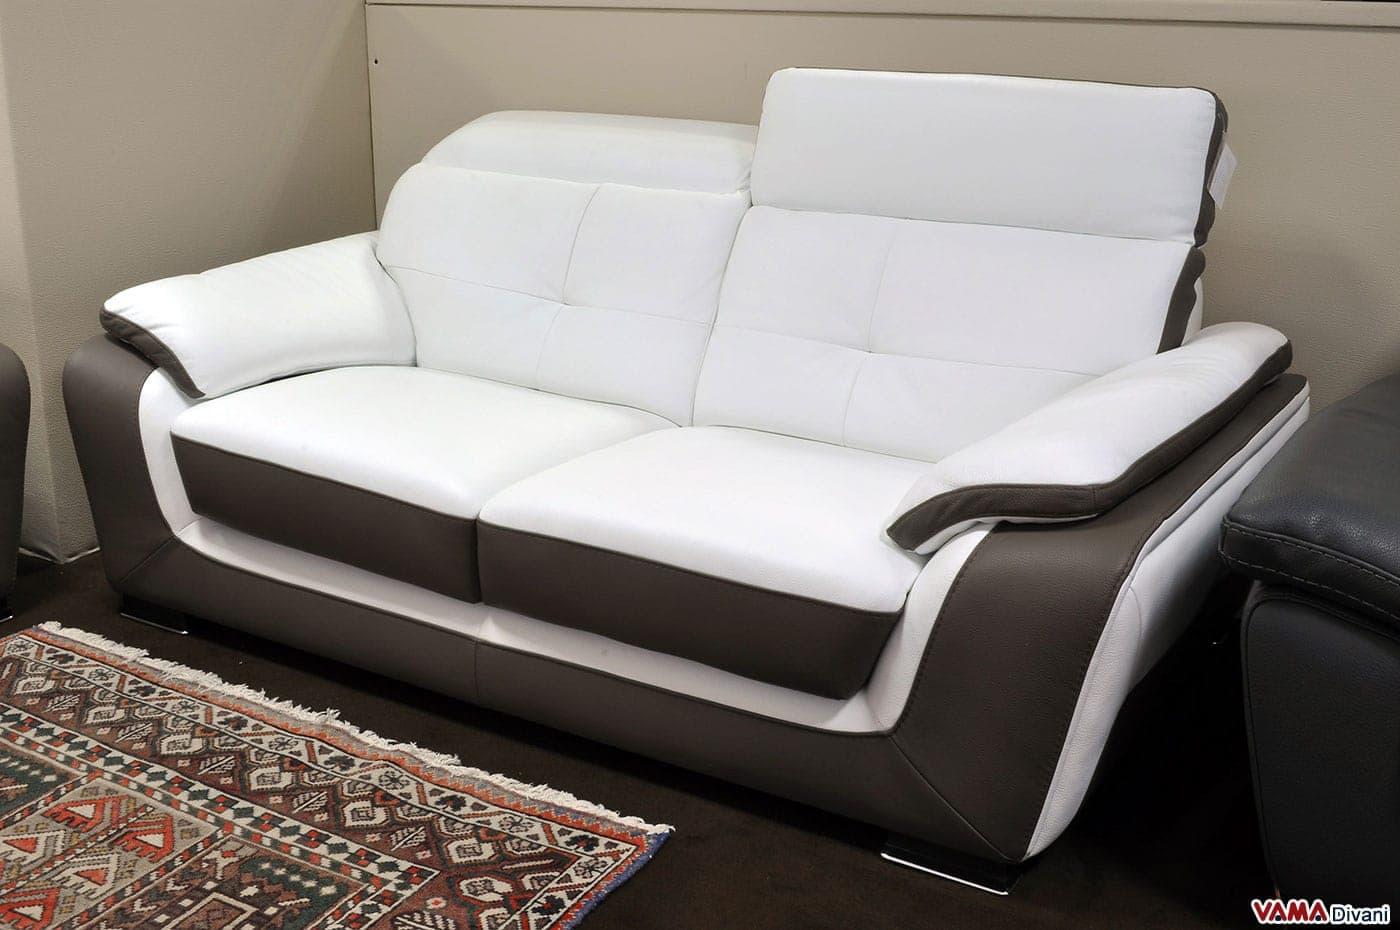 poltrone in pelle divano letto in offerta divano letto 3 ...